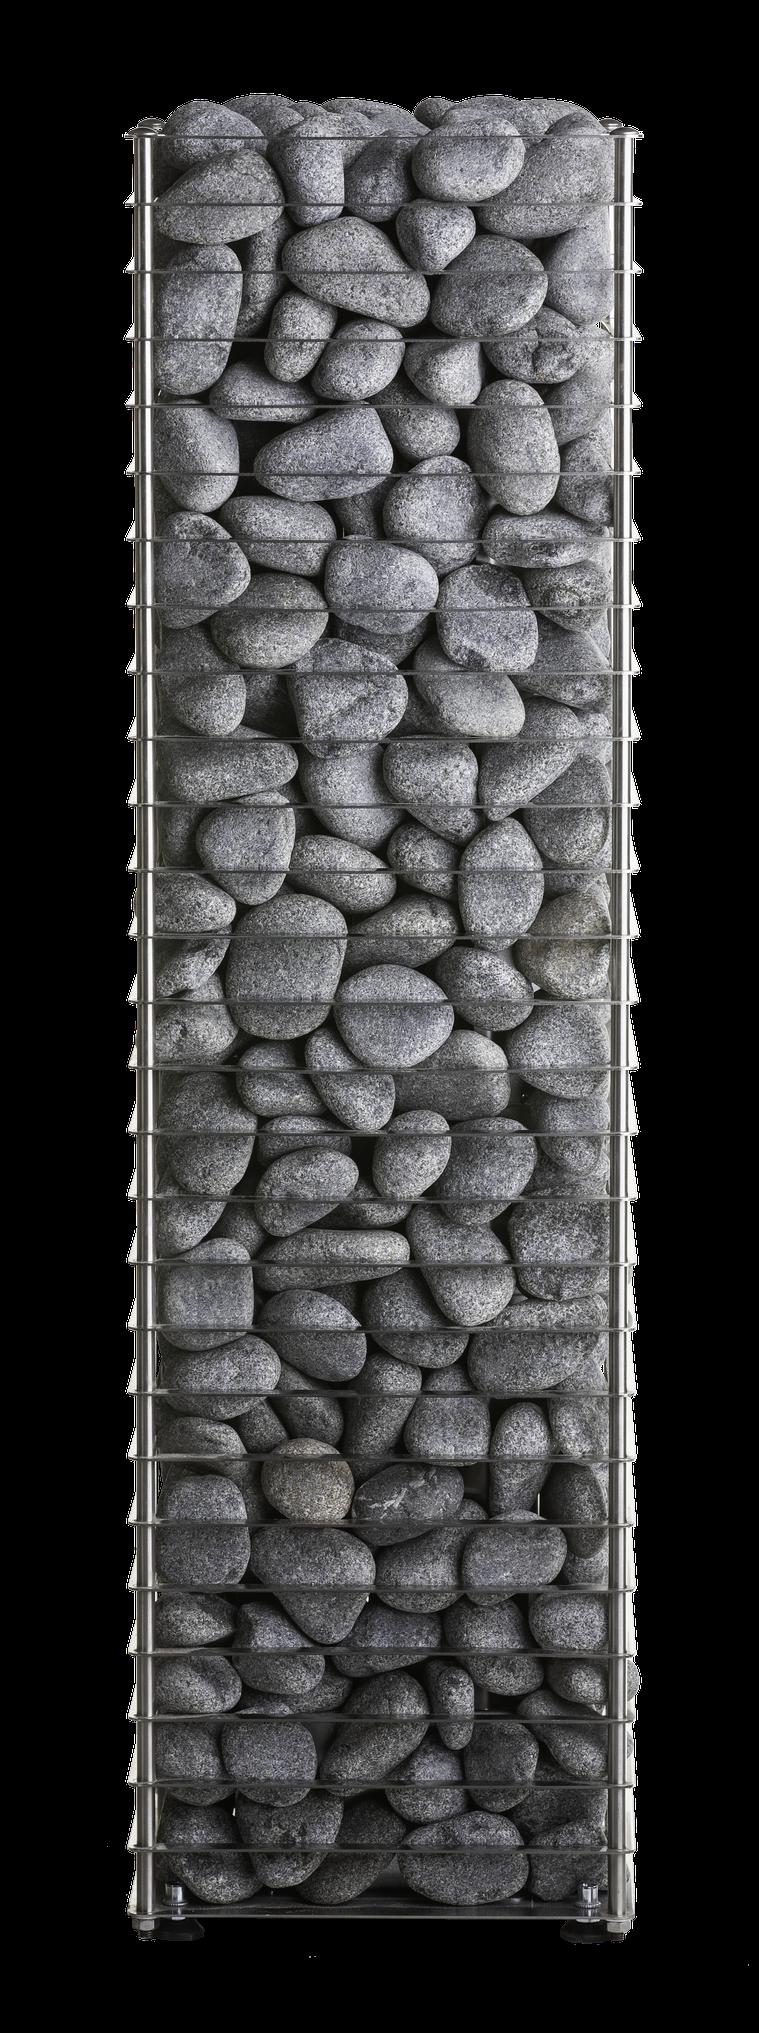 Afbeelding van Huum Cliff 6 kW saunakachel (externe besturing)